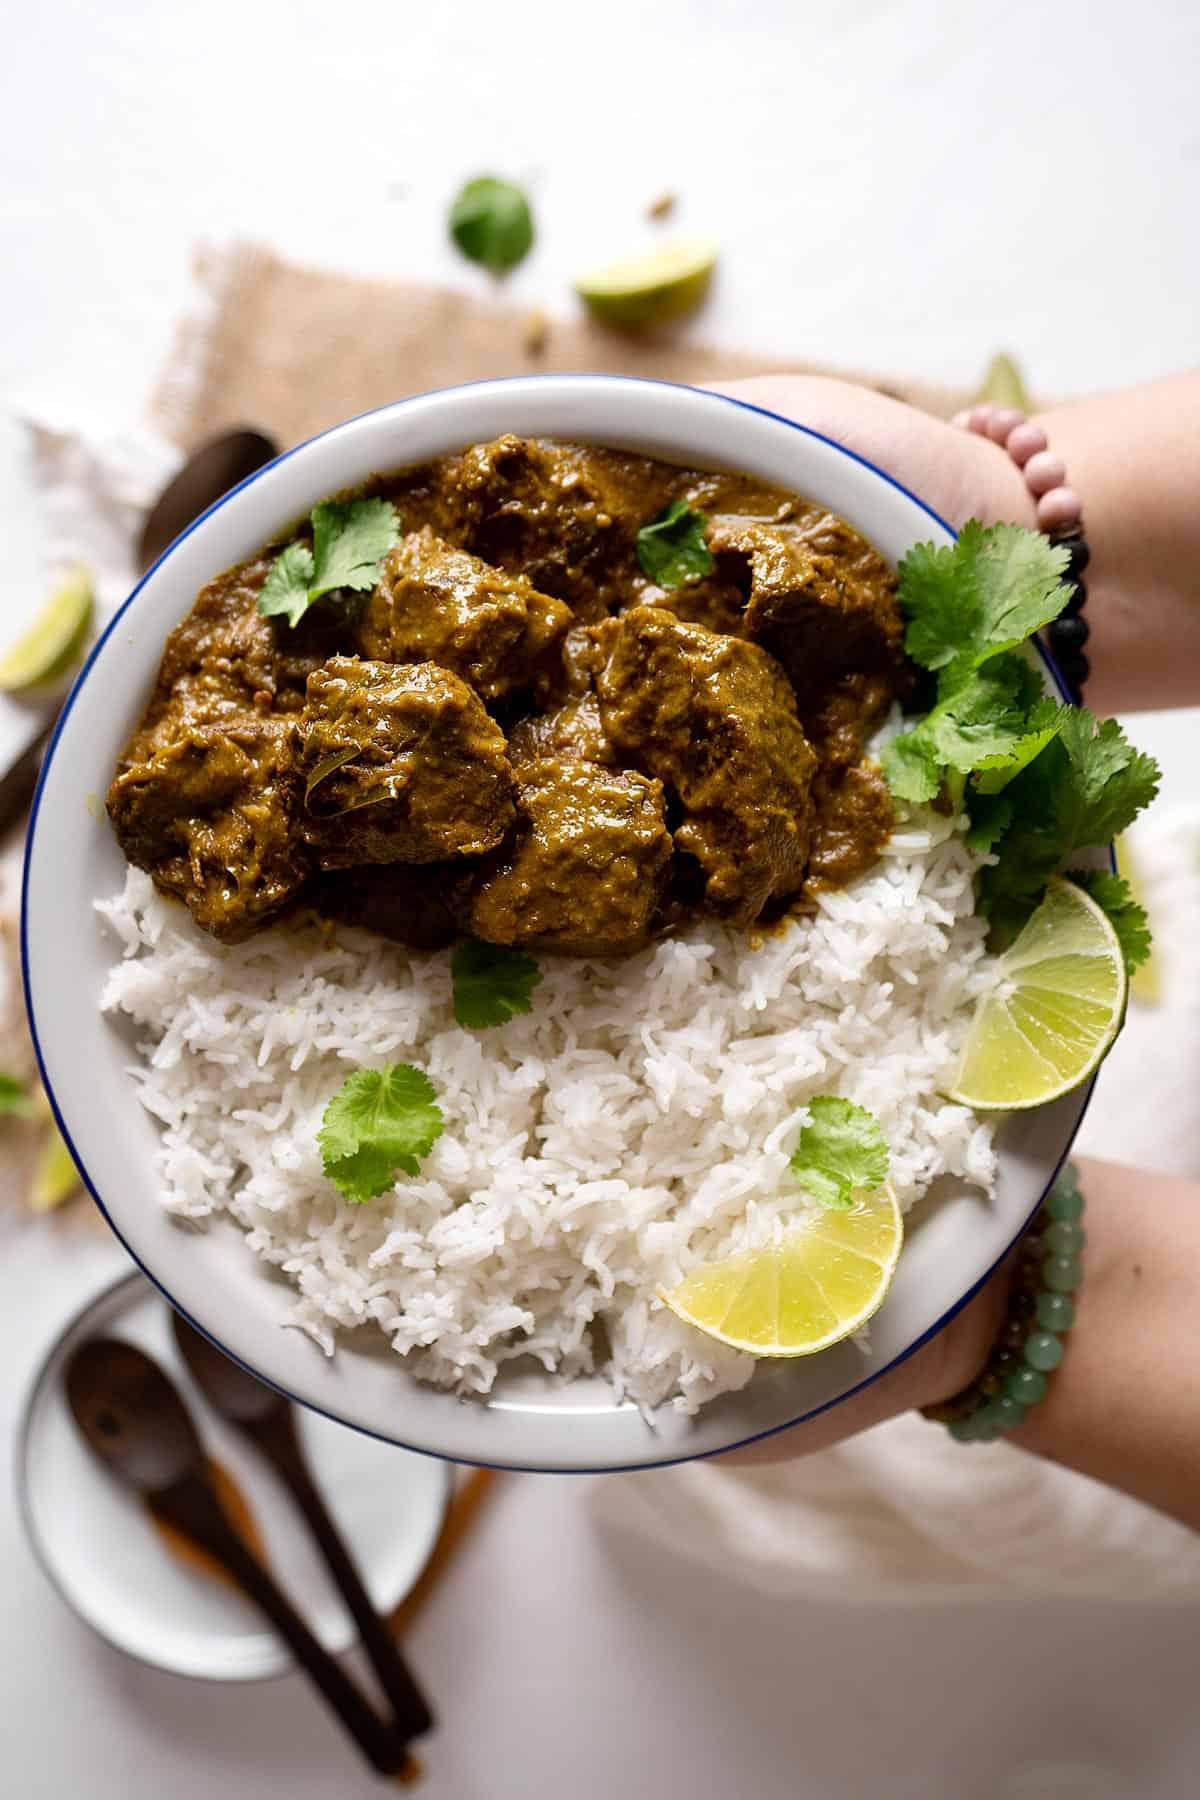 un plato servido con curry rendang y arroz blanco.